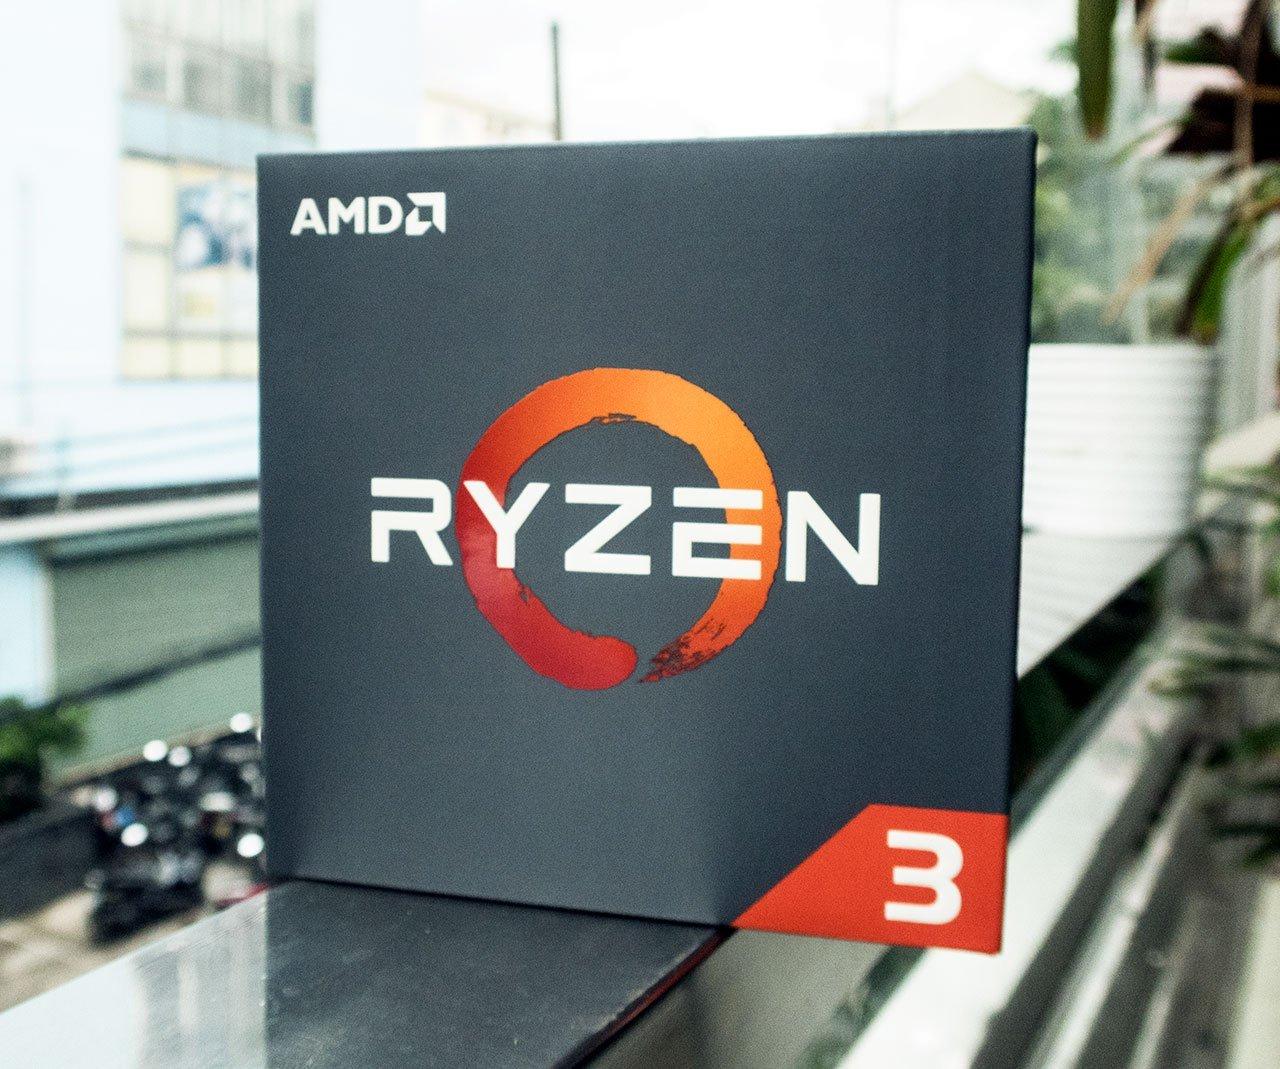 Lúc 9 giờ tối ngày hôm qua (27/7/2017), AMD đã chính thức ra mắt dòng vi xử  lý cho phân khúc phổ thông là Ryzen 3, chính thức tuyên chiến với Core i3  của ...